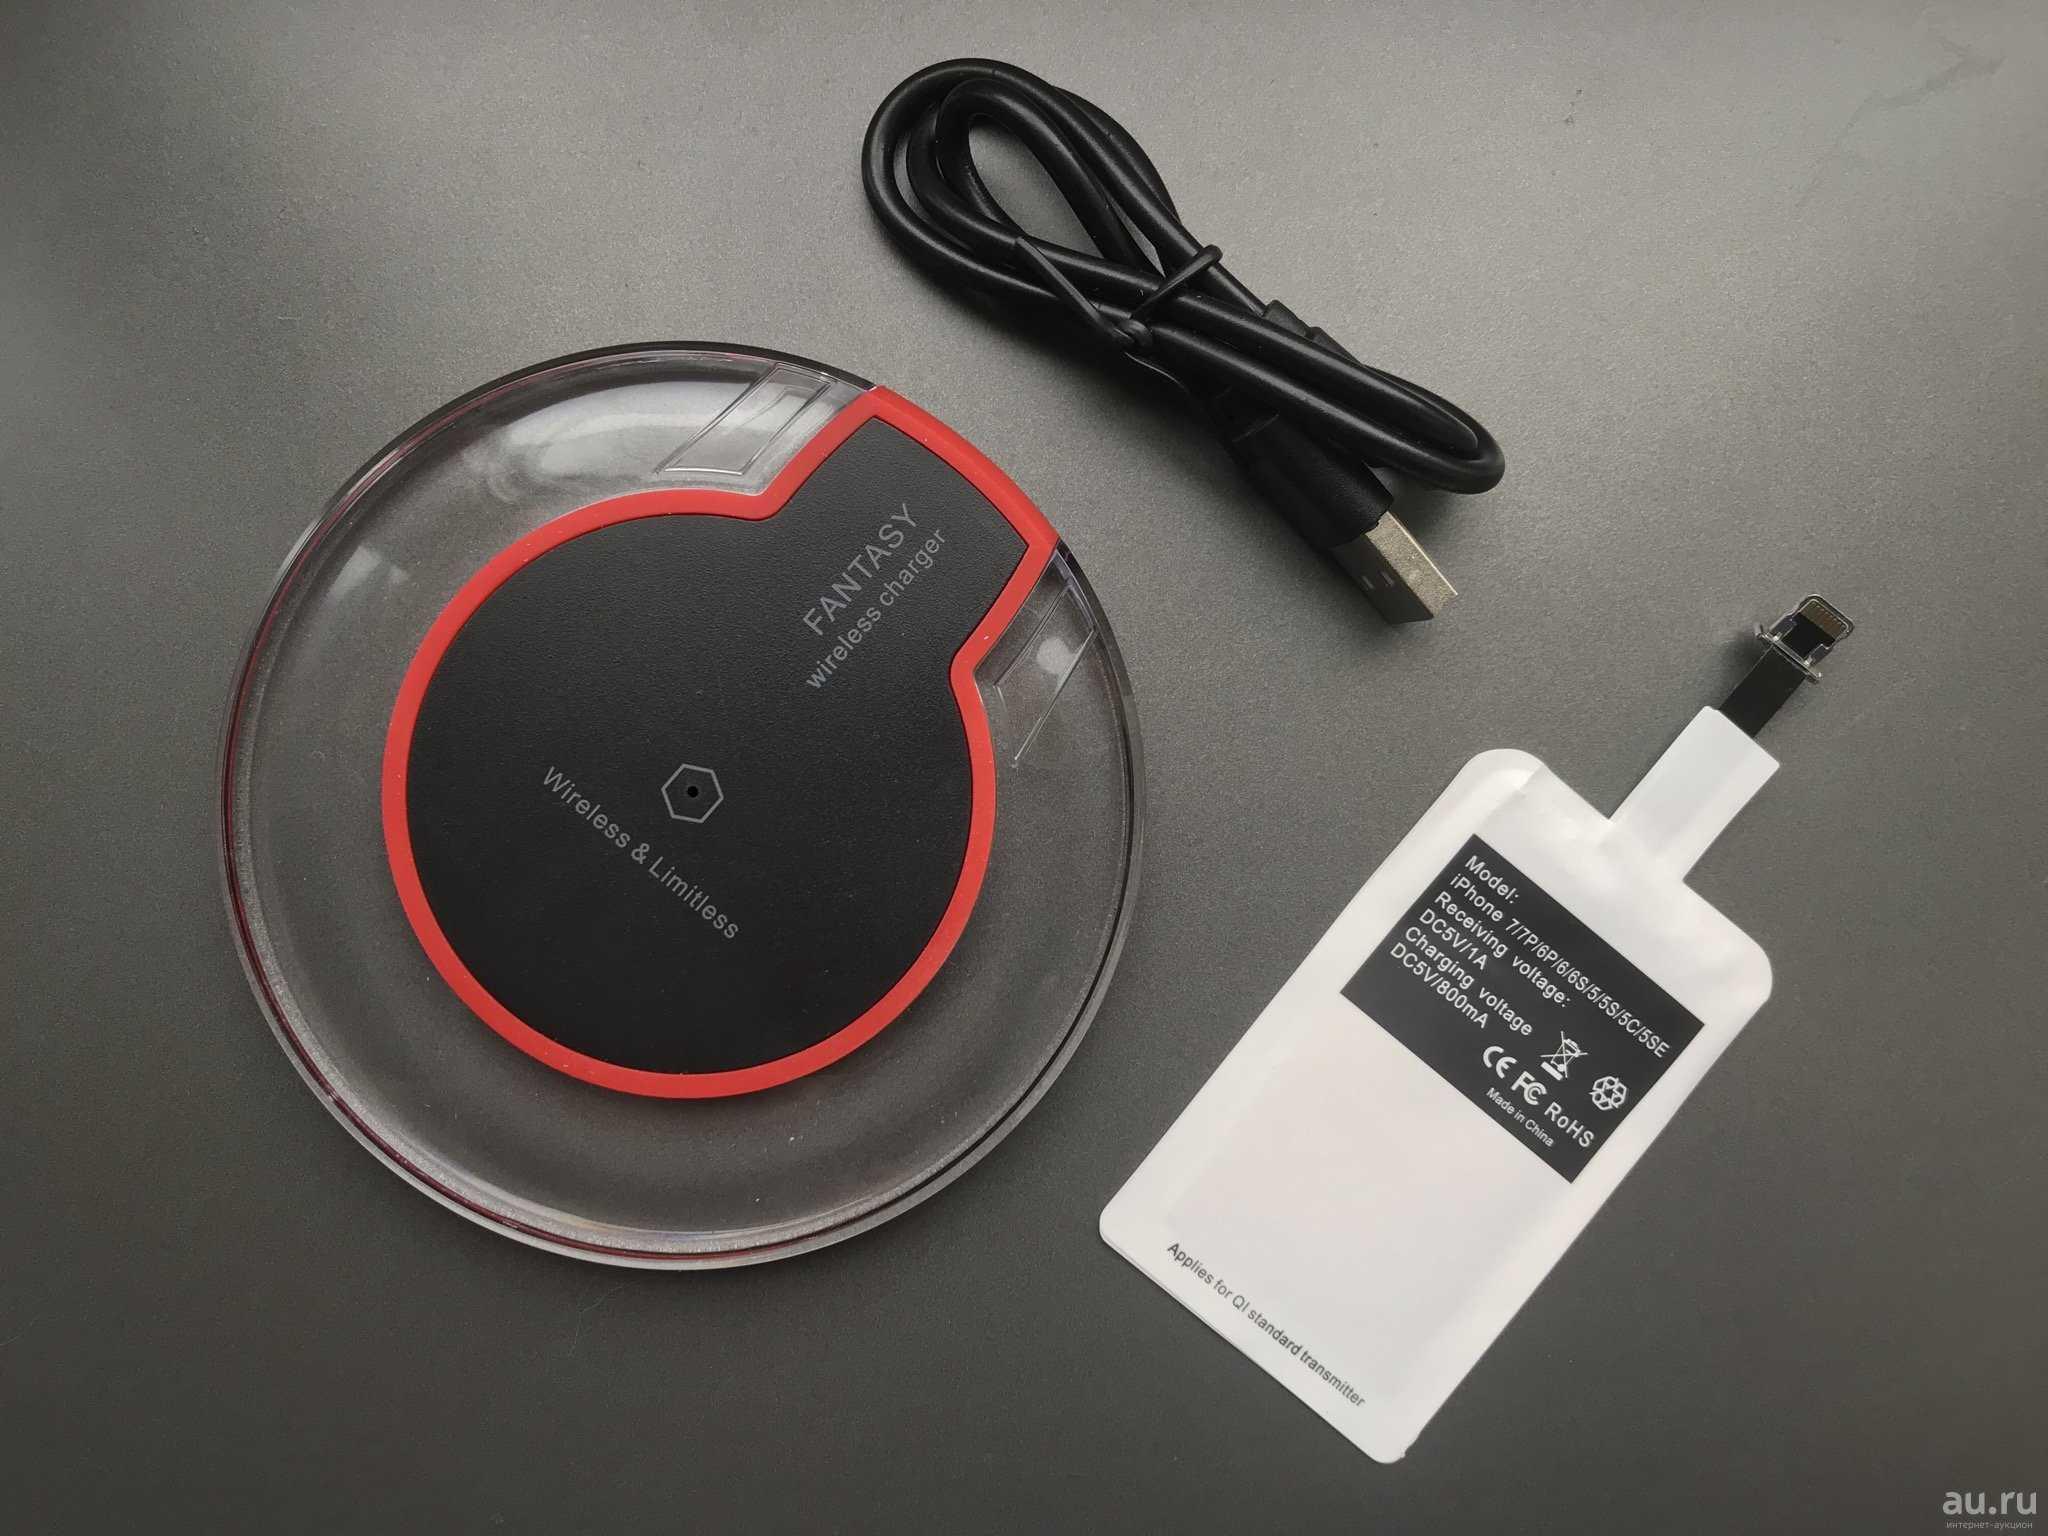 Магнитную зарядку для iphone 12 представили раньше самого iphone